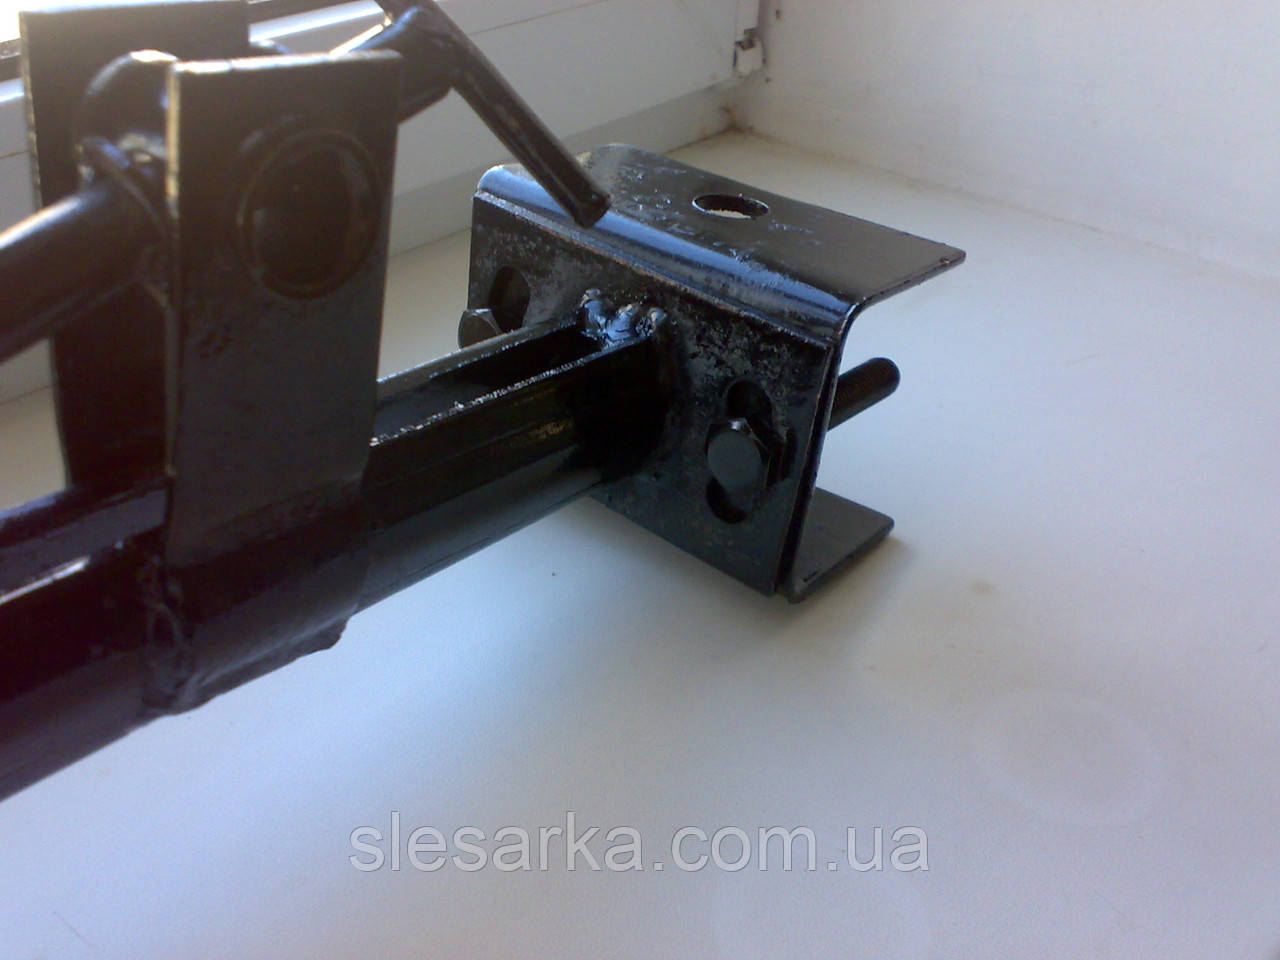 Дисковые окучники для мотоблока фото